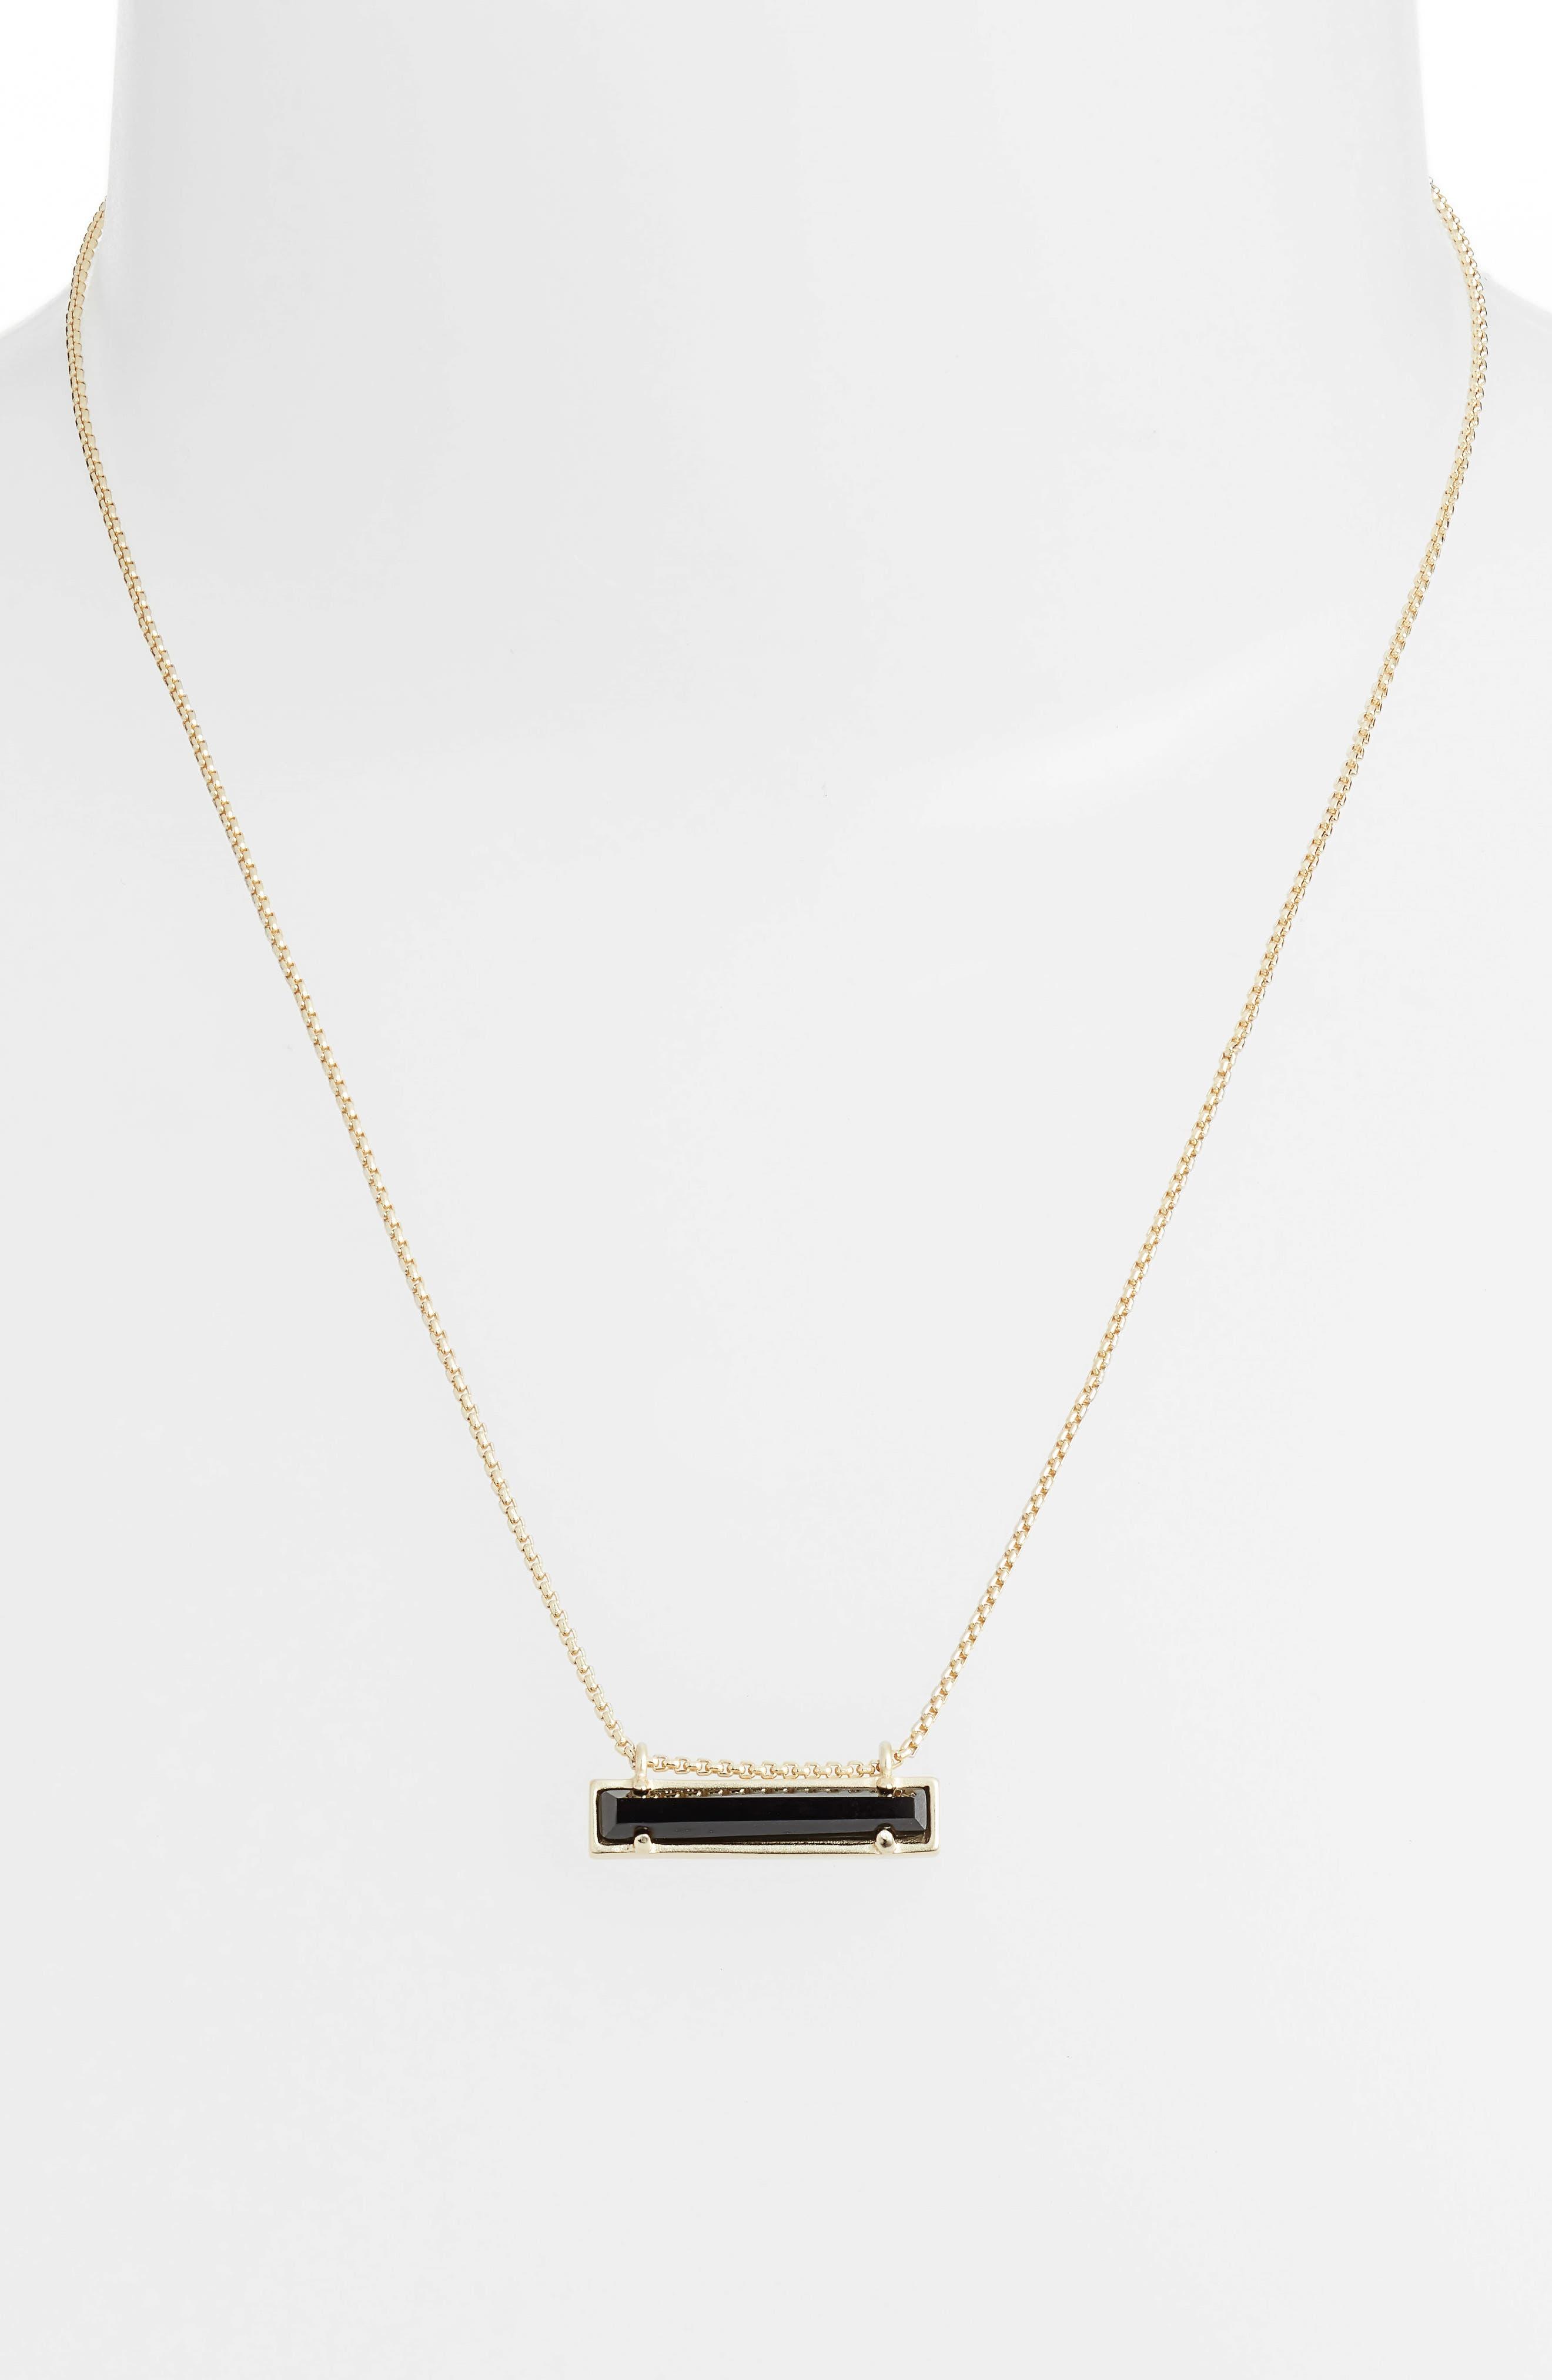 Leanor Pendant Necklace,                             Alternate thumbnail 2, color,                             BLACK GLASS/ GOLD